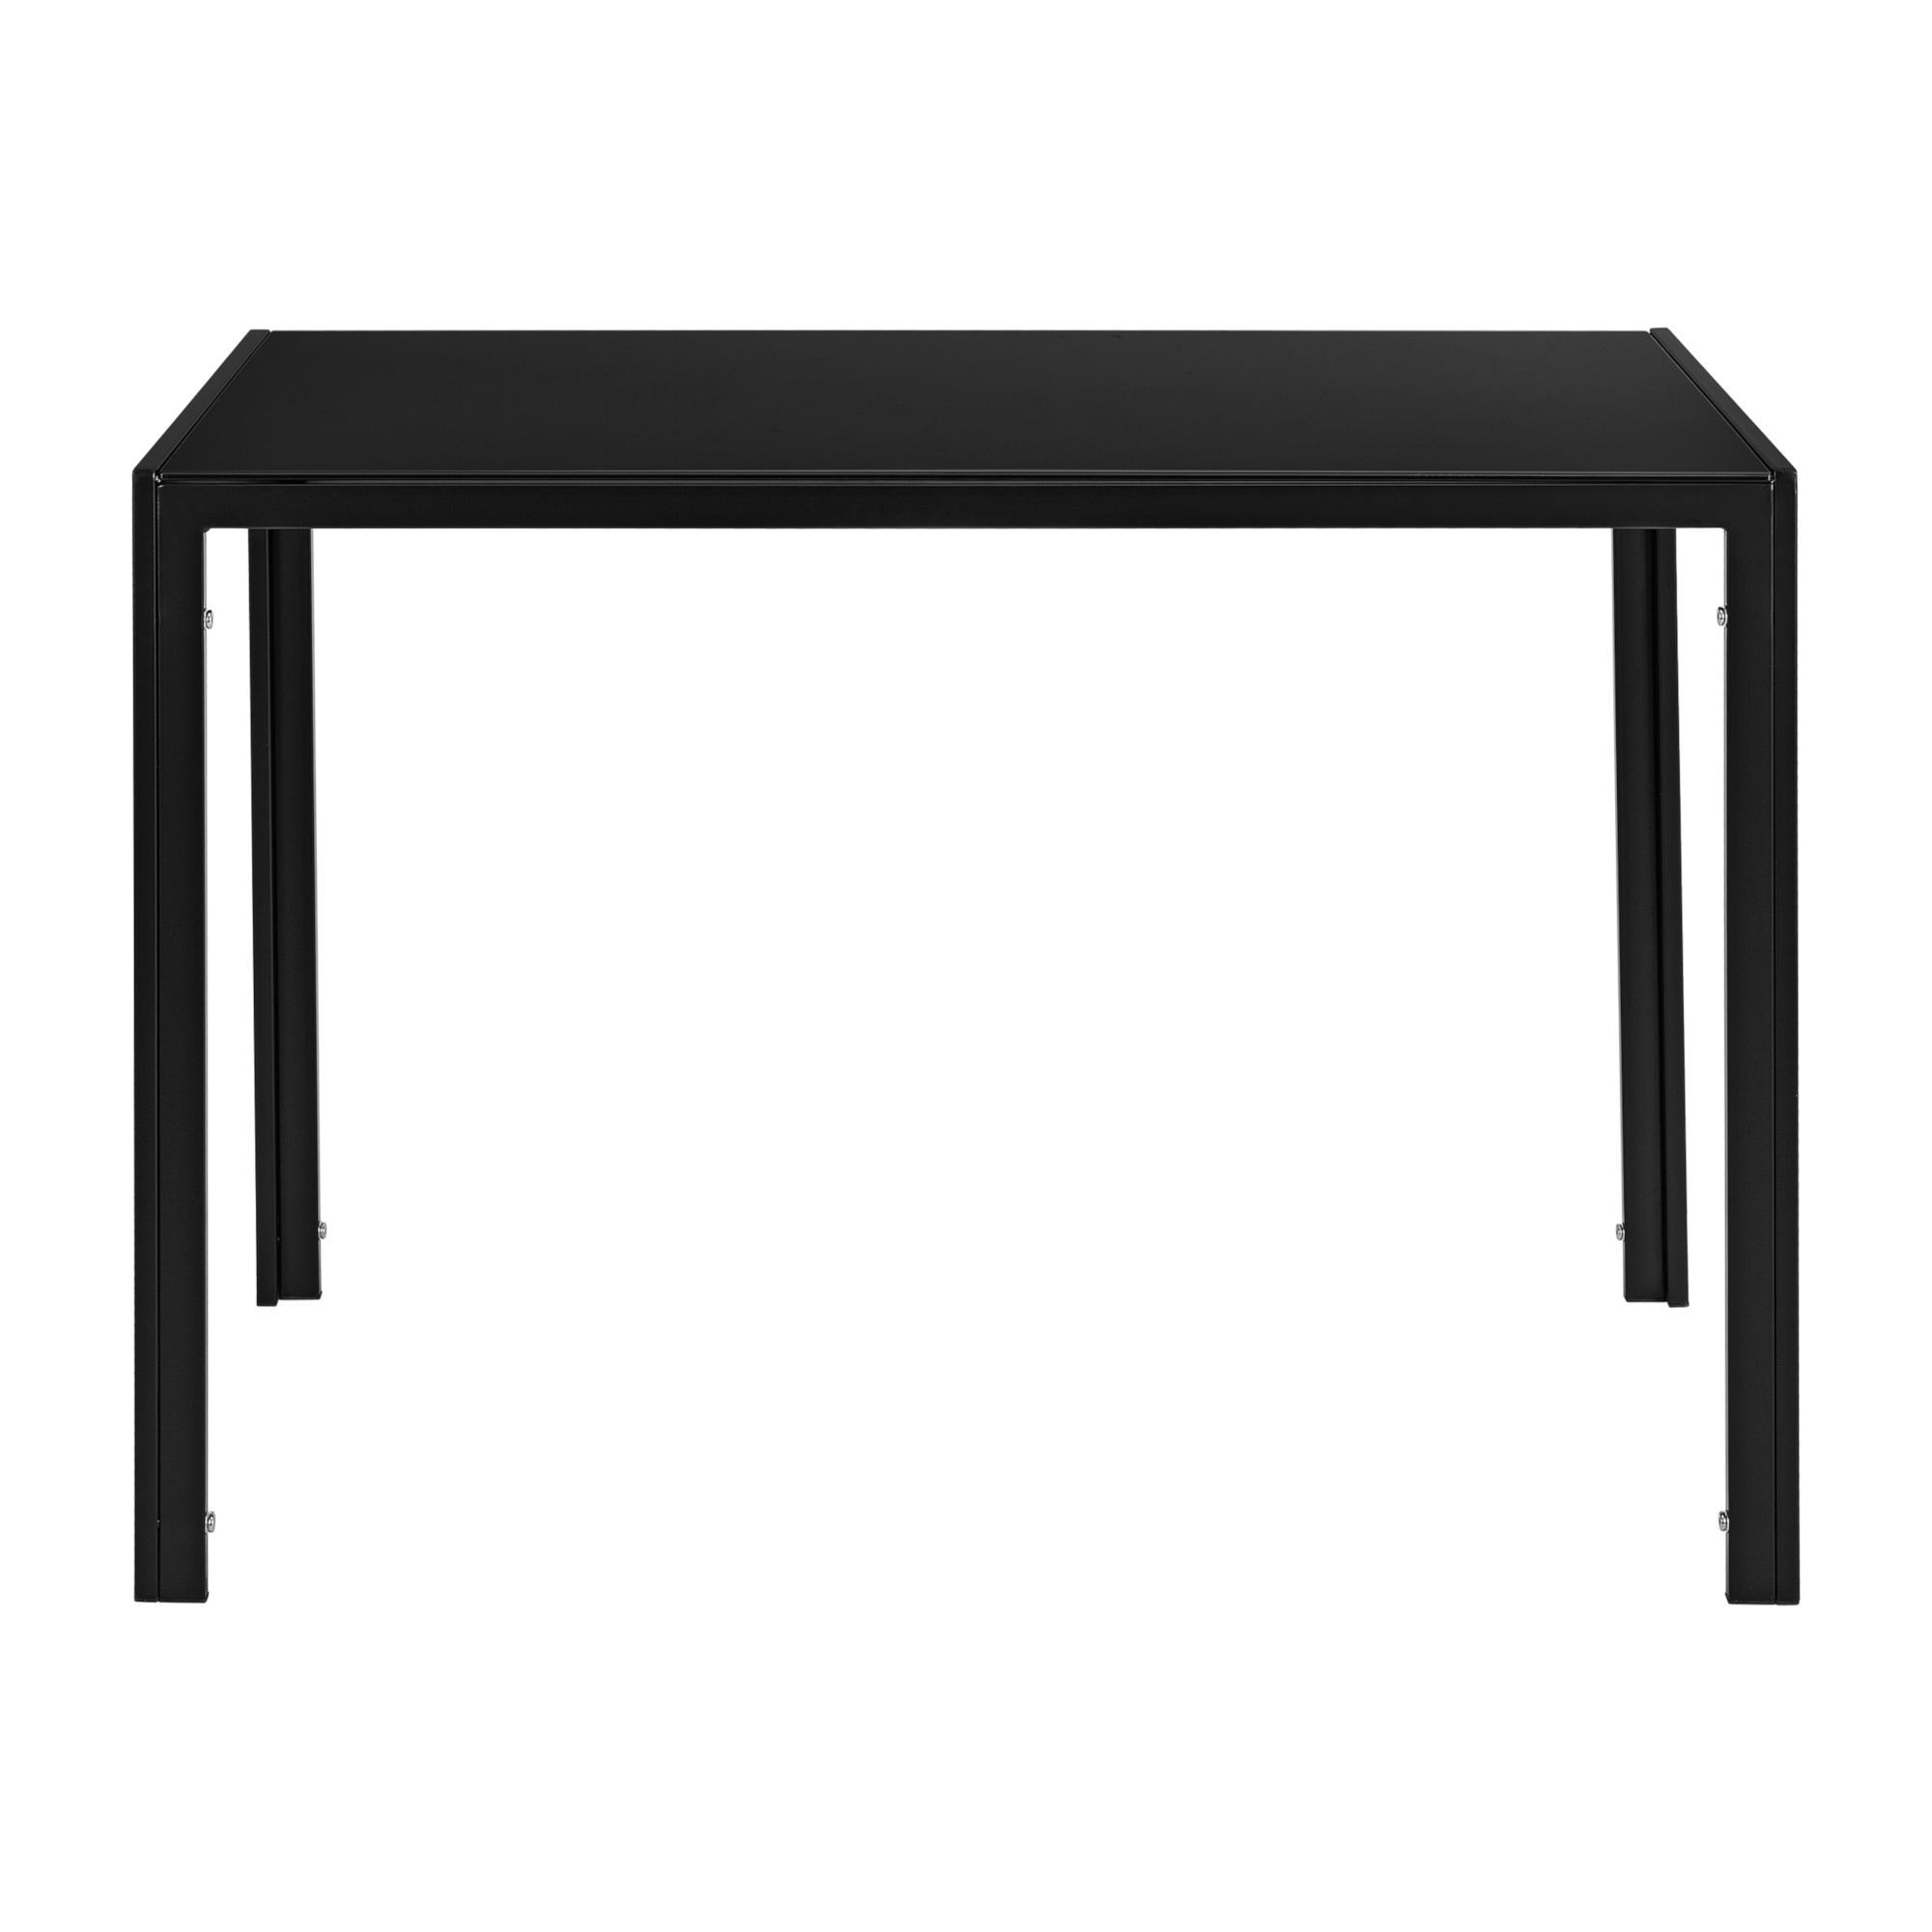 esstisch schwarz k chentisch esszimmertisch glas tisch esszimmer ebay. Black Bedroom Furniture Sets. Home Design Ideas